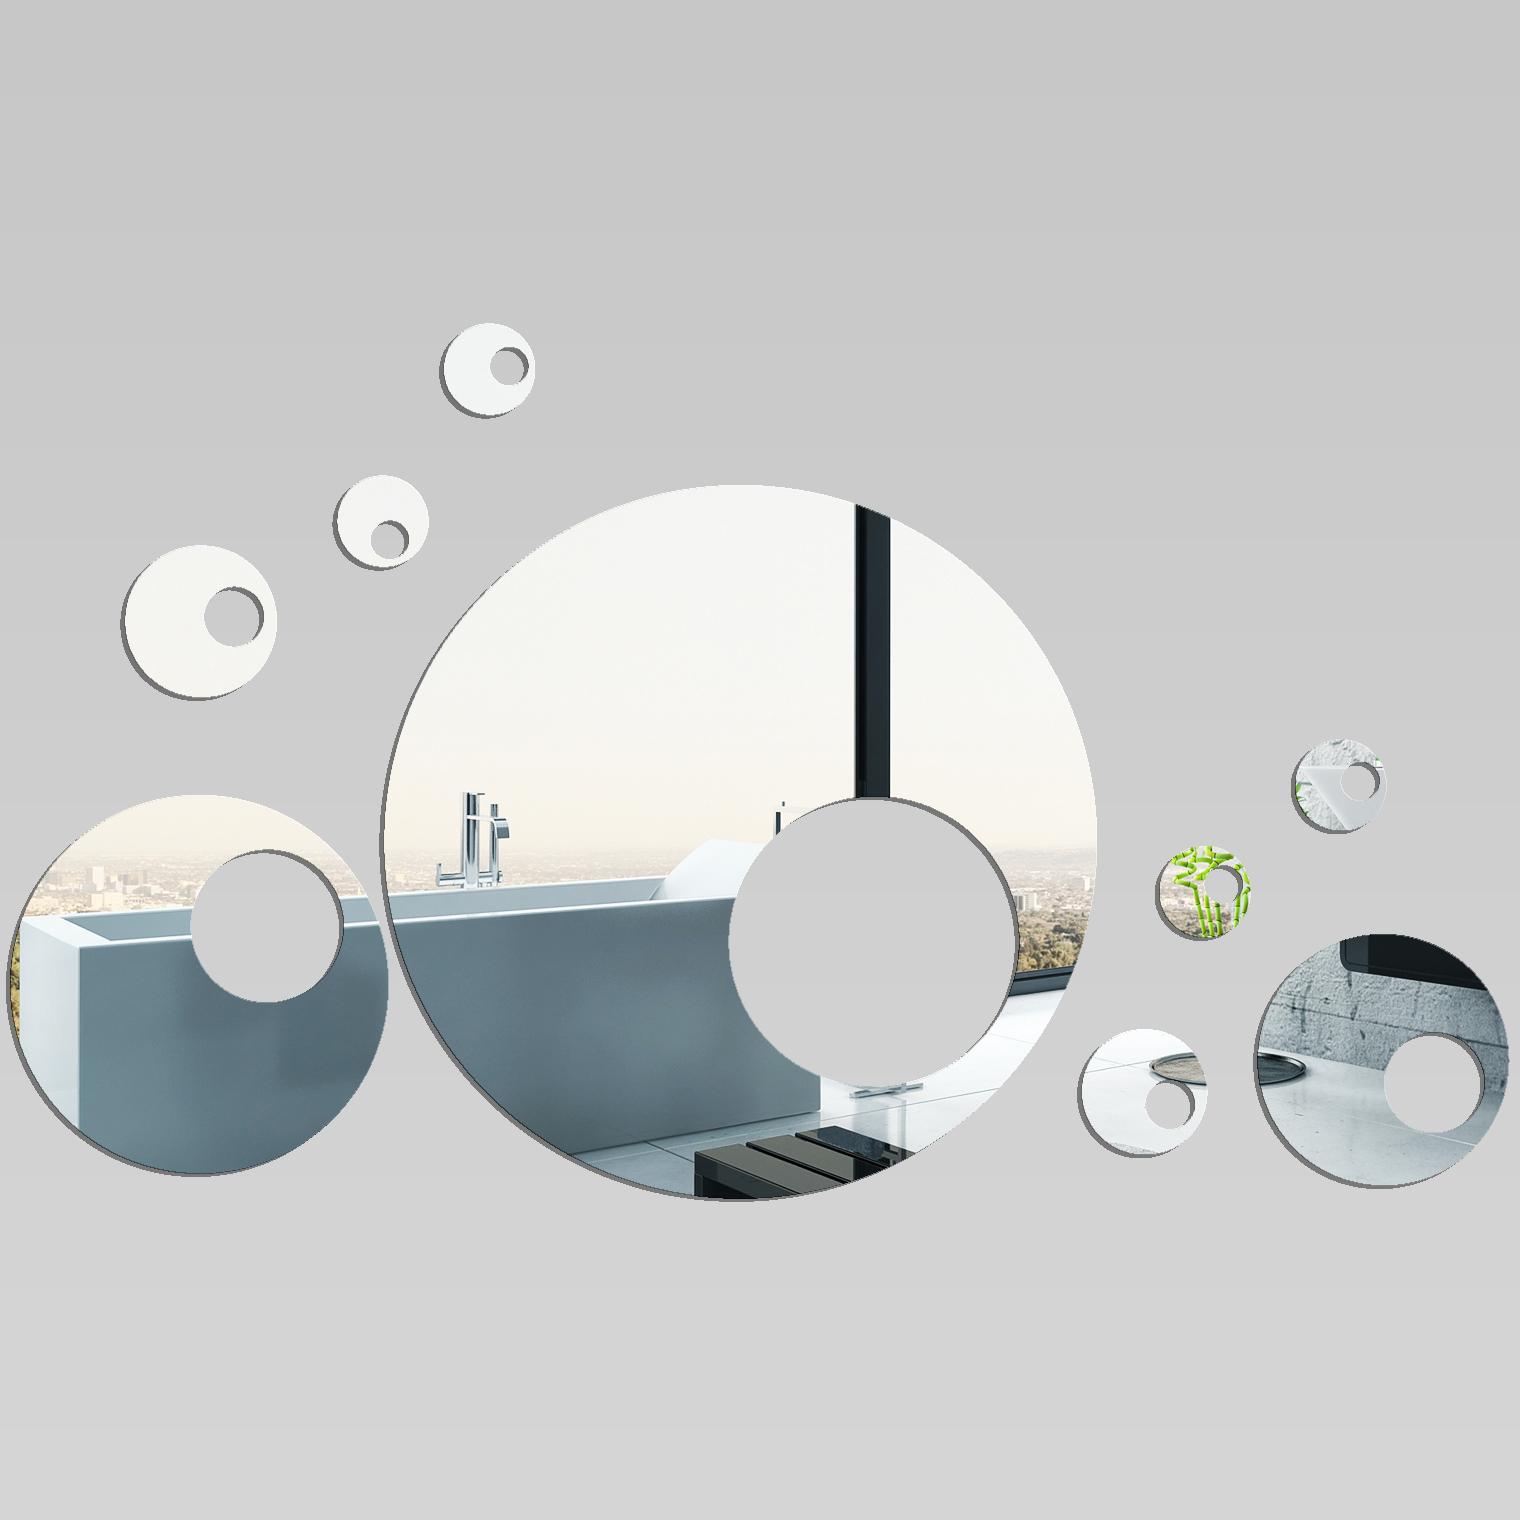 miroir plexiglass acrylique design 9 pas cher. Black Bedroom Furniture Sets. Home Design Ideas